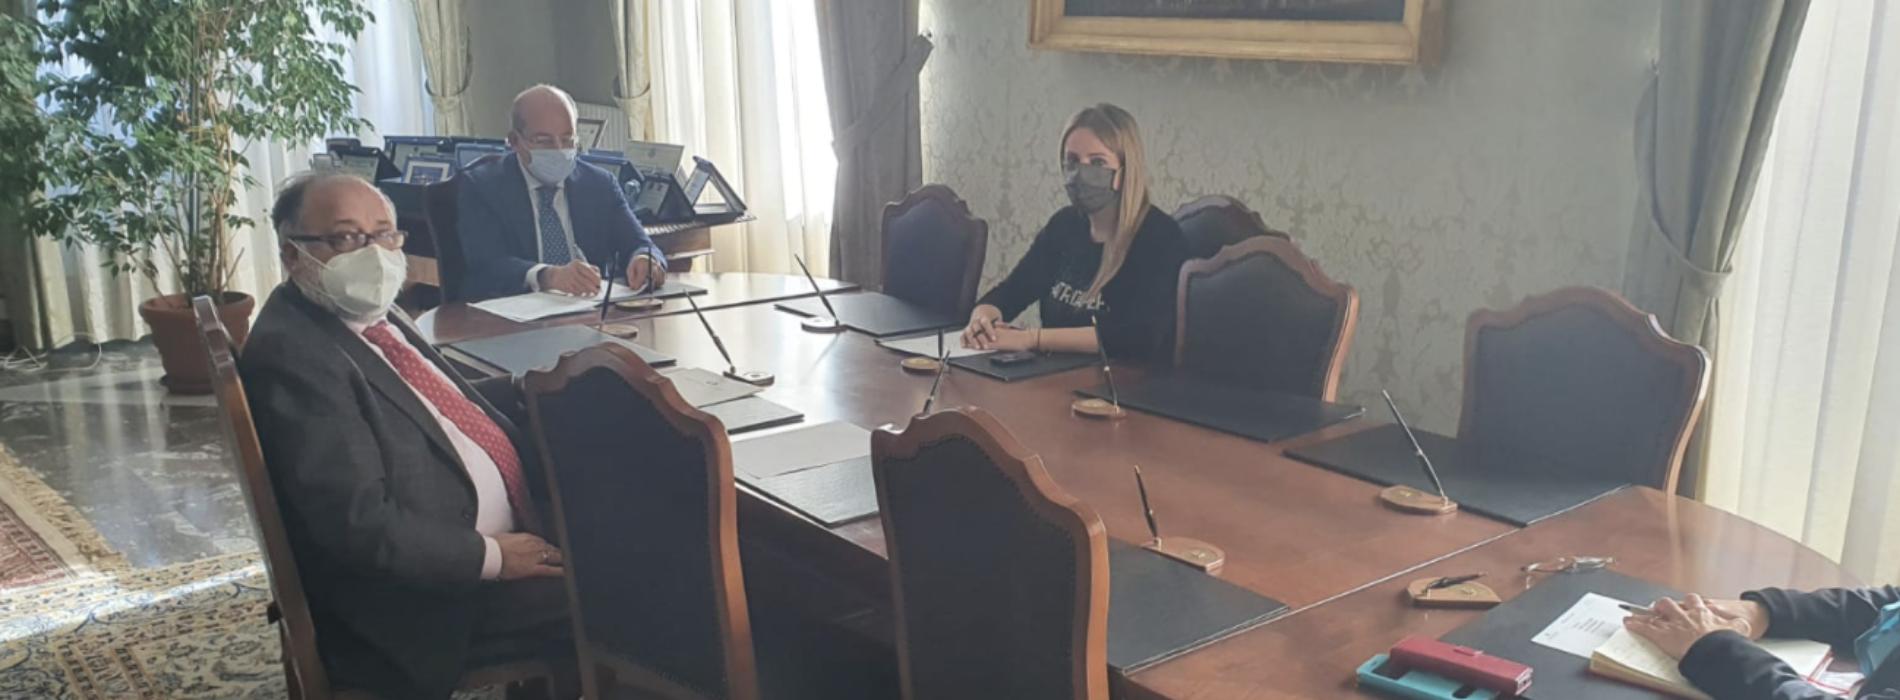 Carceri e Covid, i garanti dei detenuti dal Prefetto di Caserta